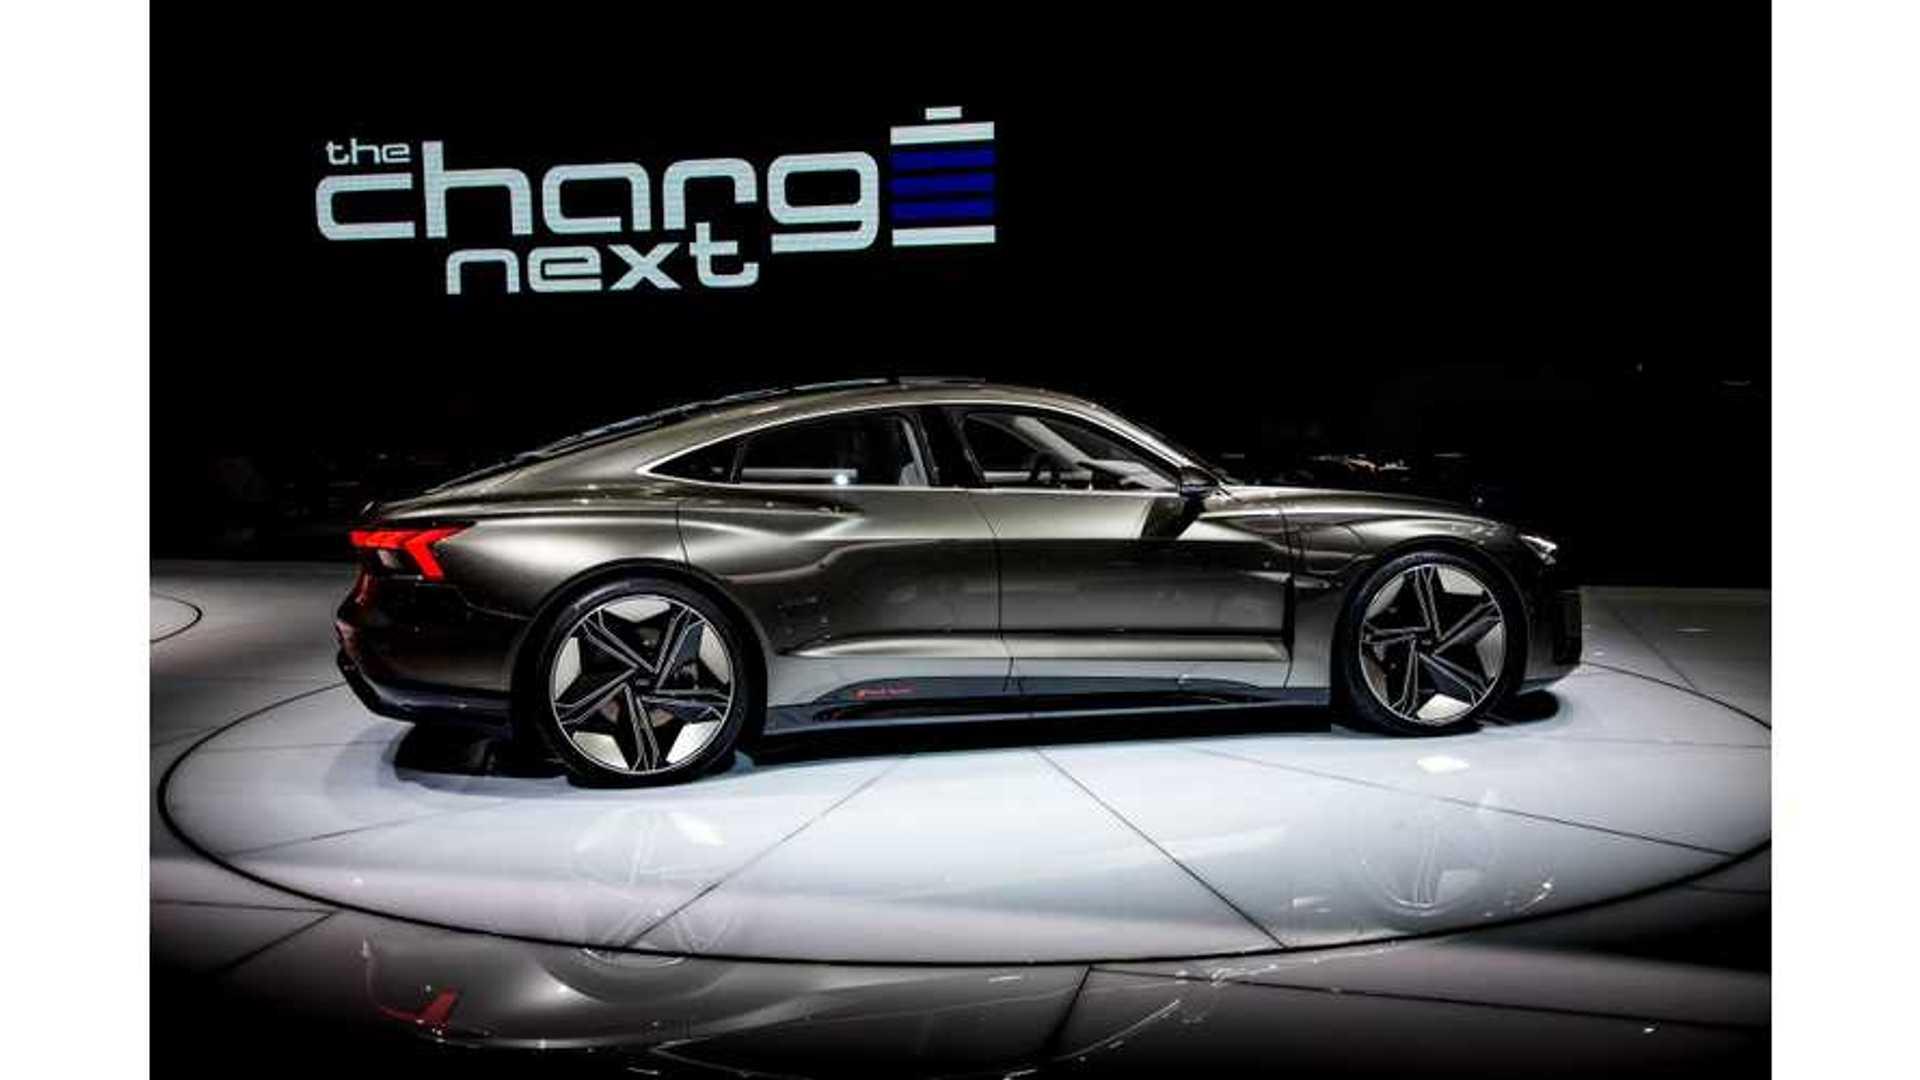 Audi E Tron Gt Concept Overview Video